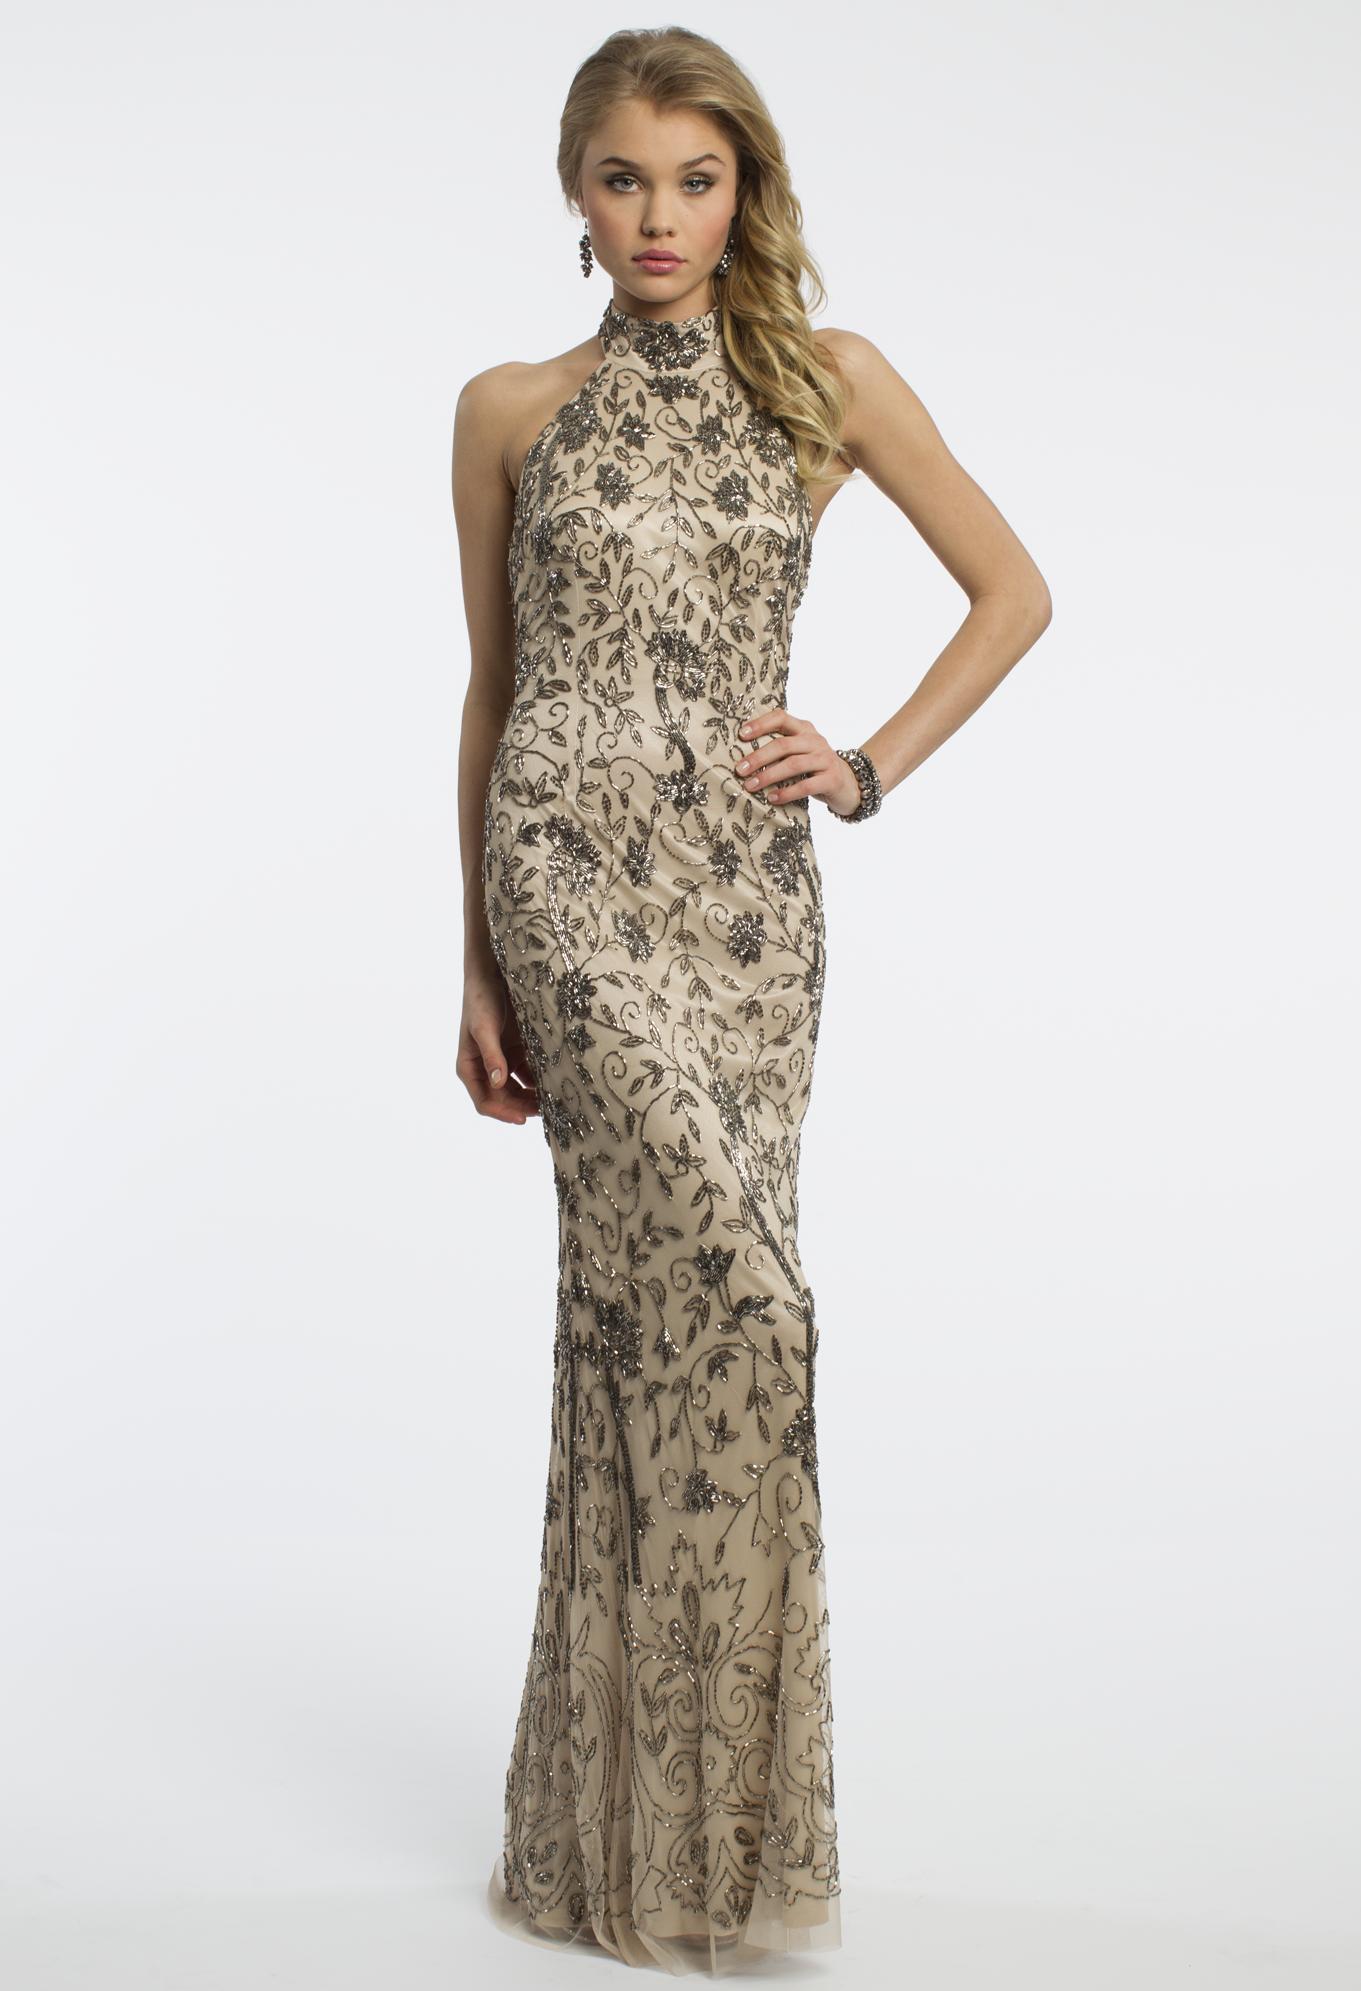 Nett Ein Online Halter Prom Kleid Fotos - Brautkleider Ideen ...